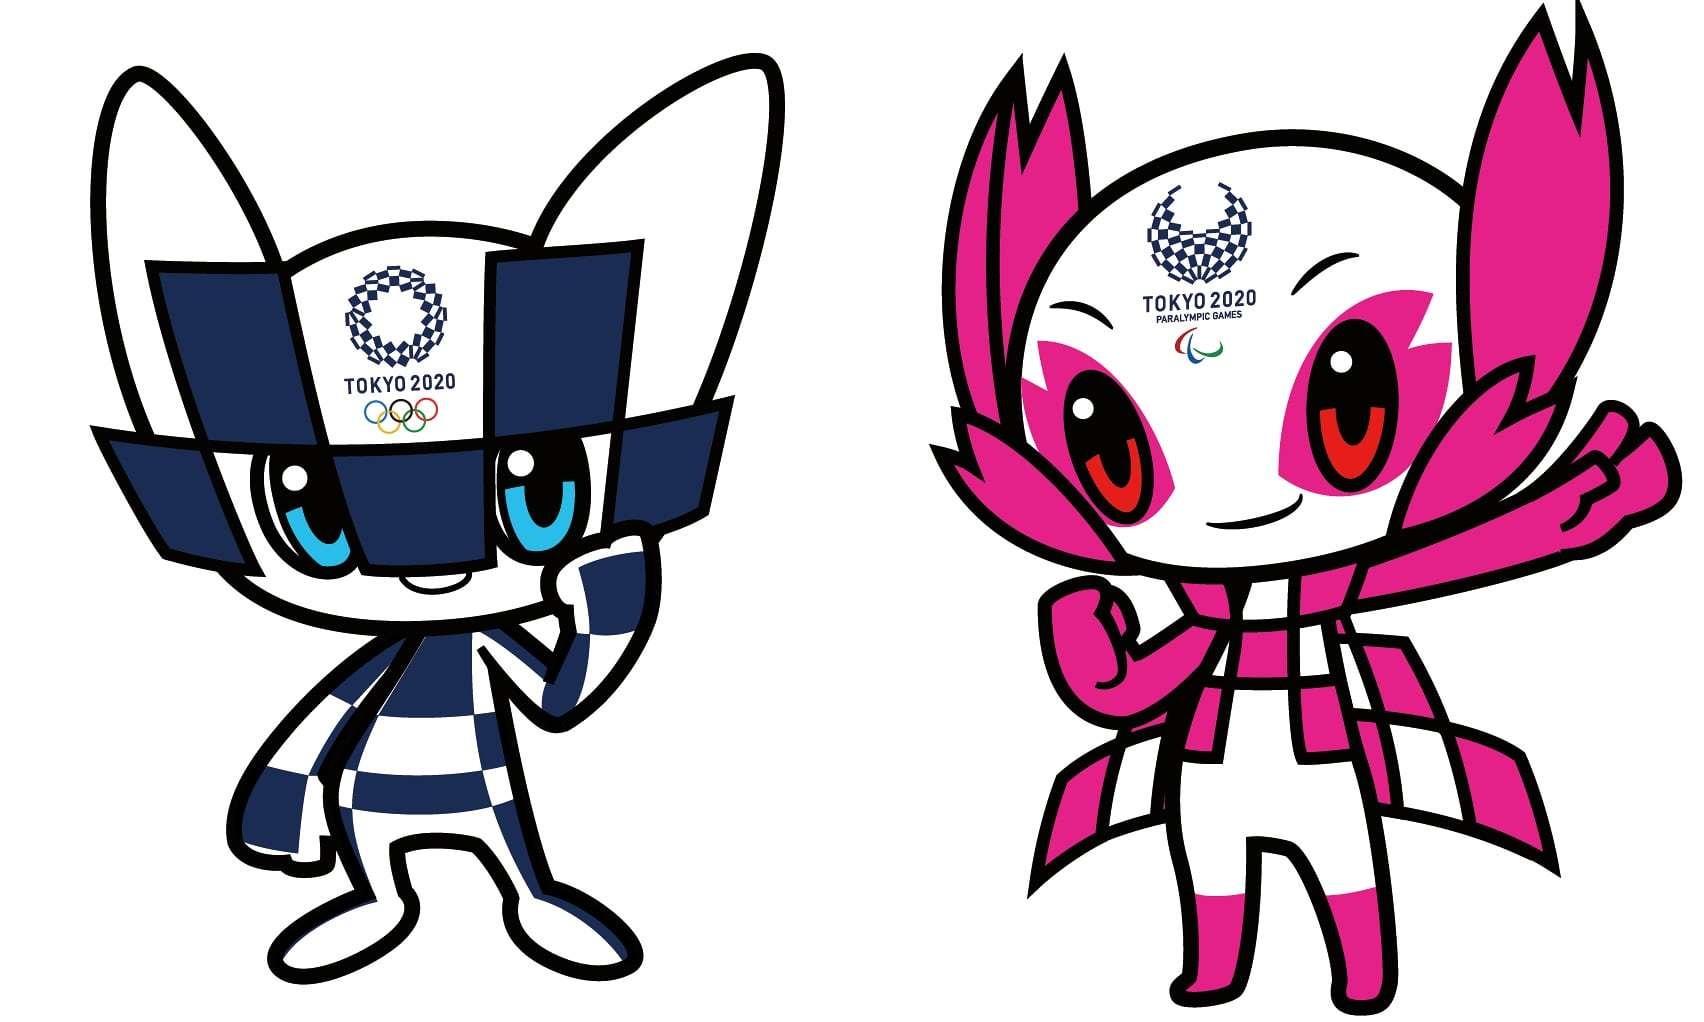 В Токио выбрали талисманы Олимпиады-2020.Вокруг Света. Украина